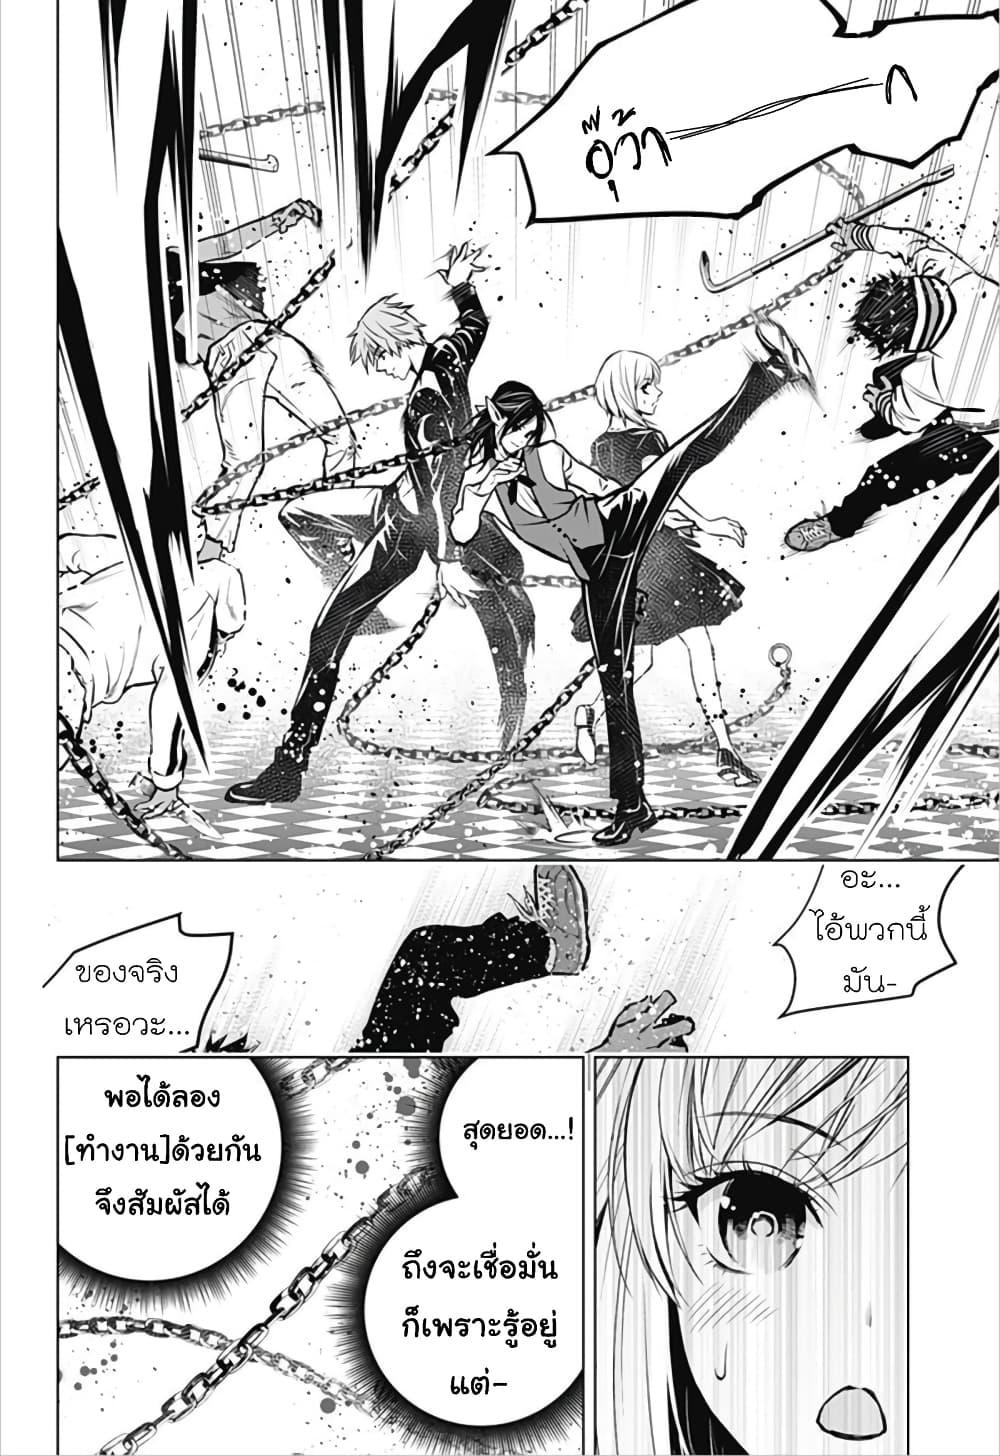 อ่านการ์ตูน Ghost Girl ตอนที่ 7 หน้าที่ 17